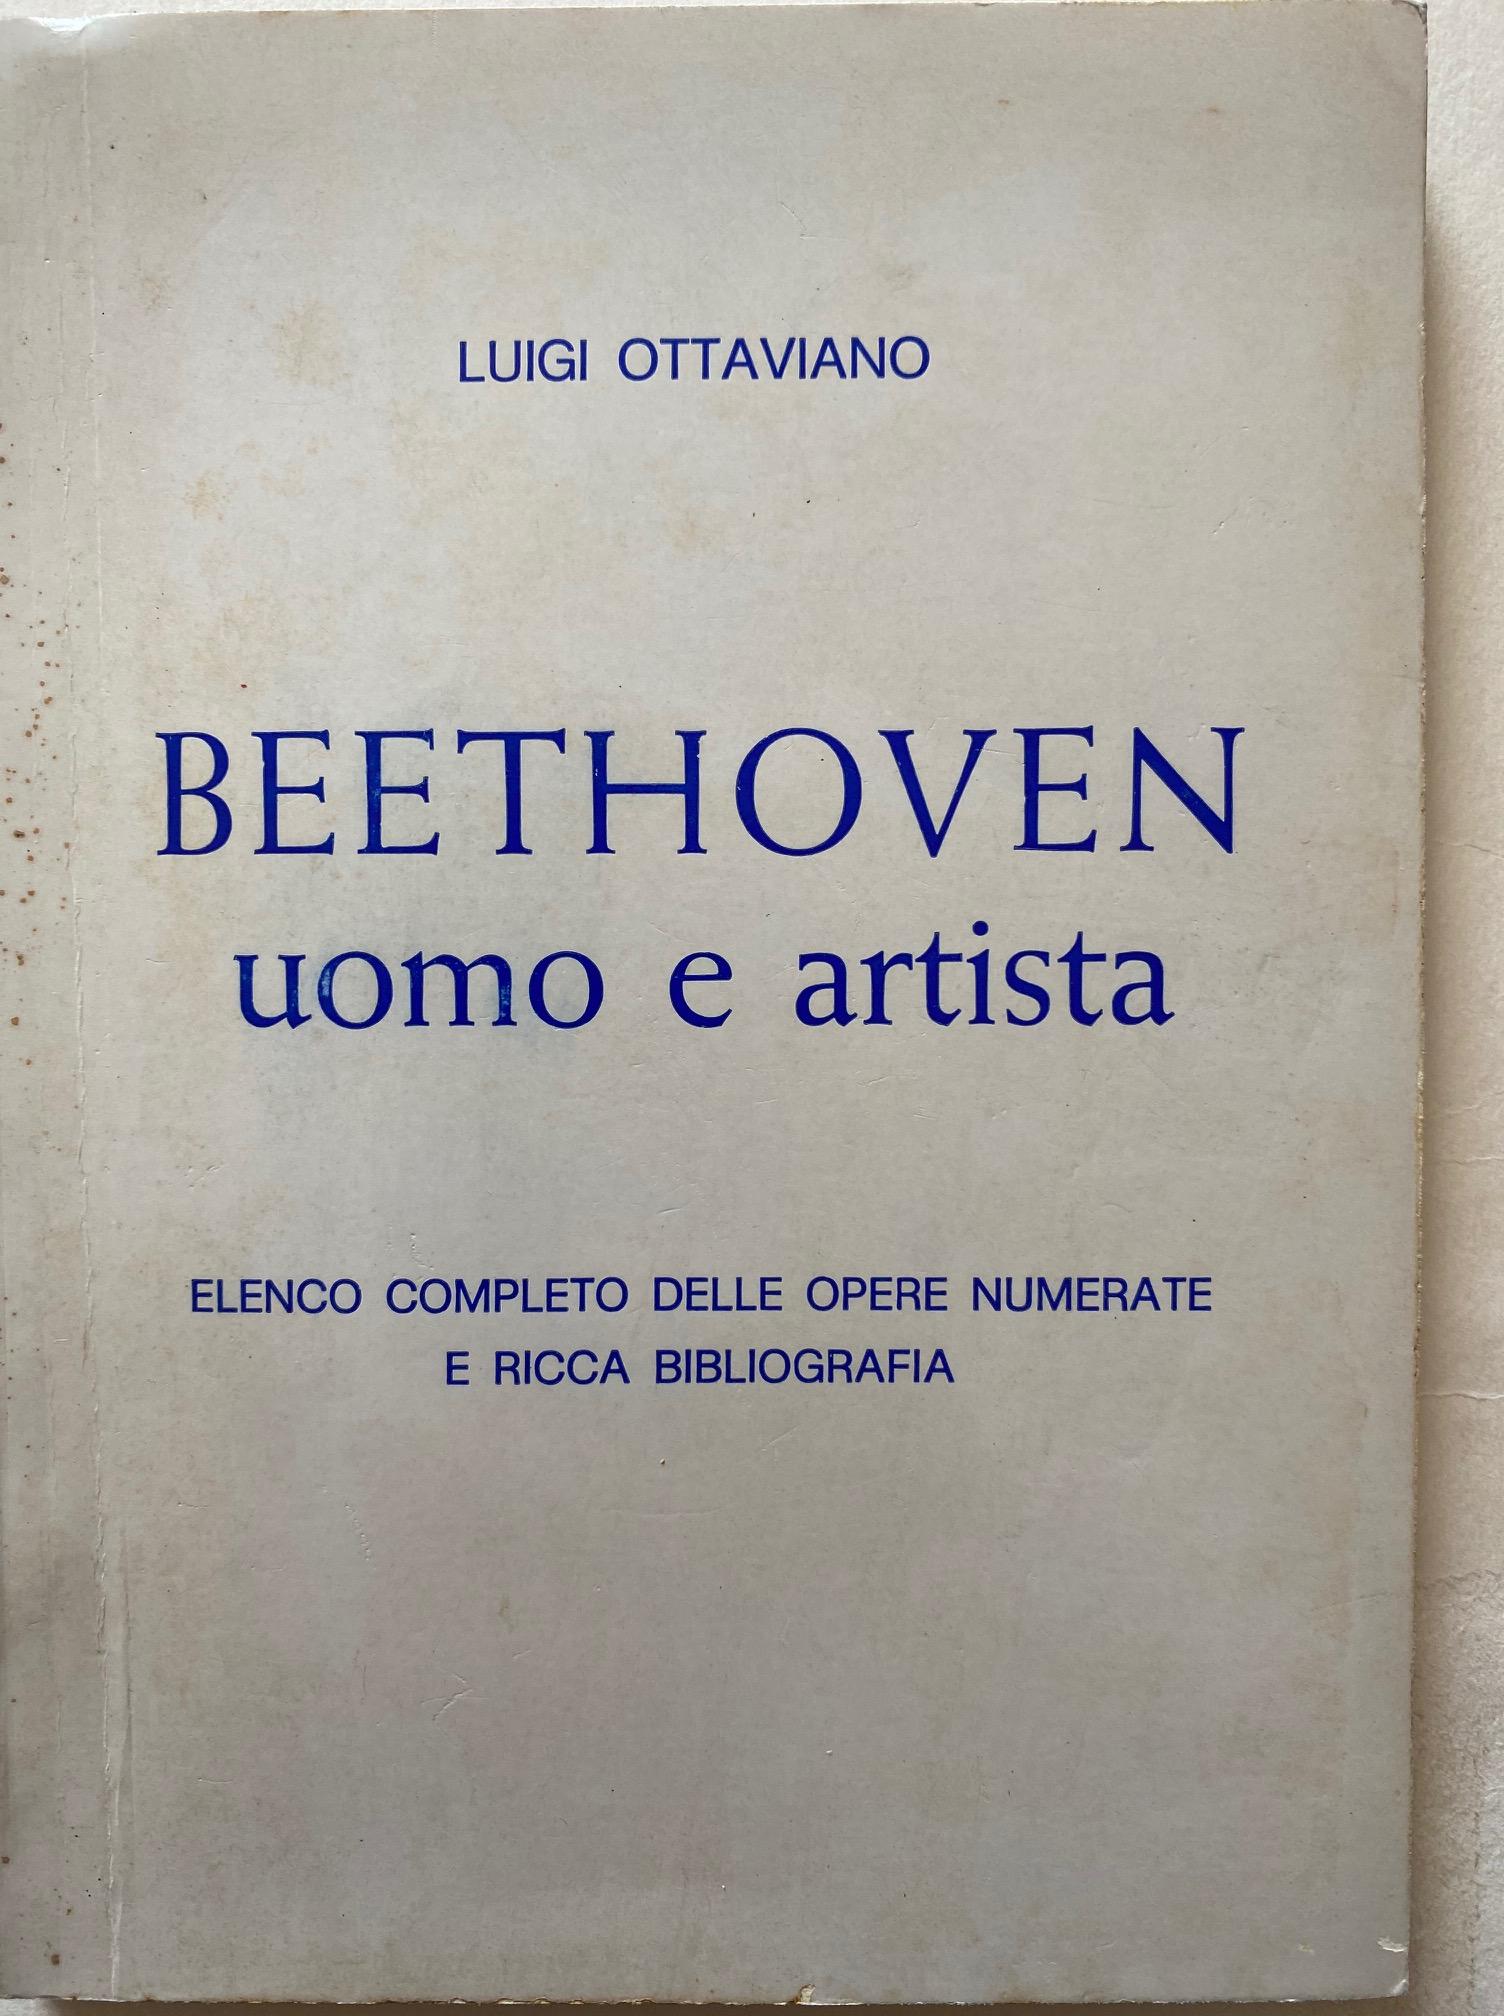 Ottaviano Luigi